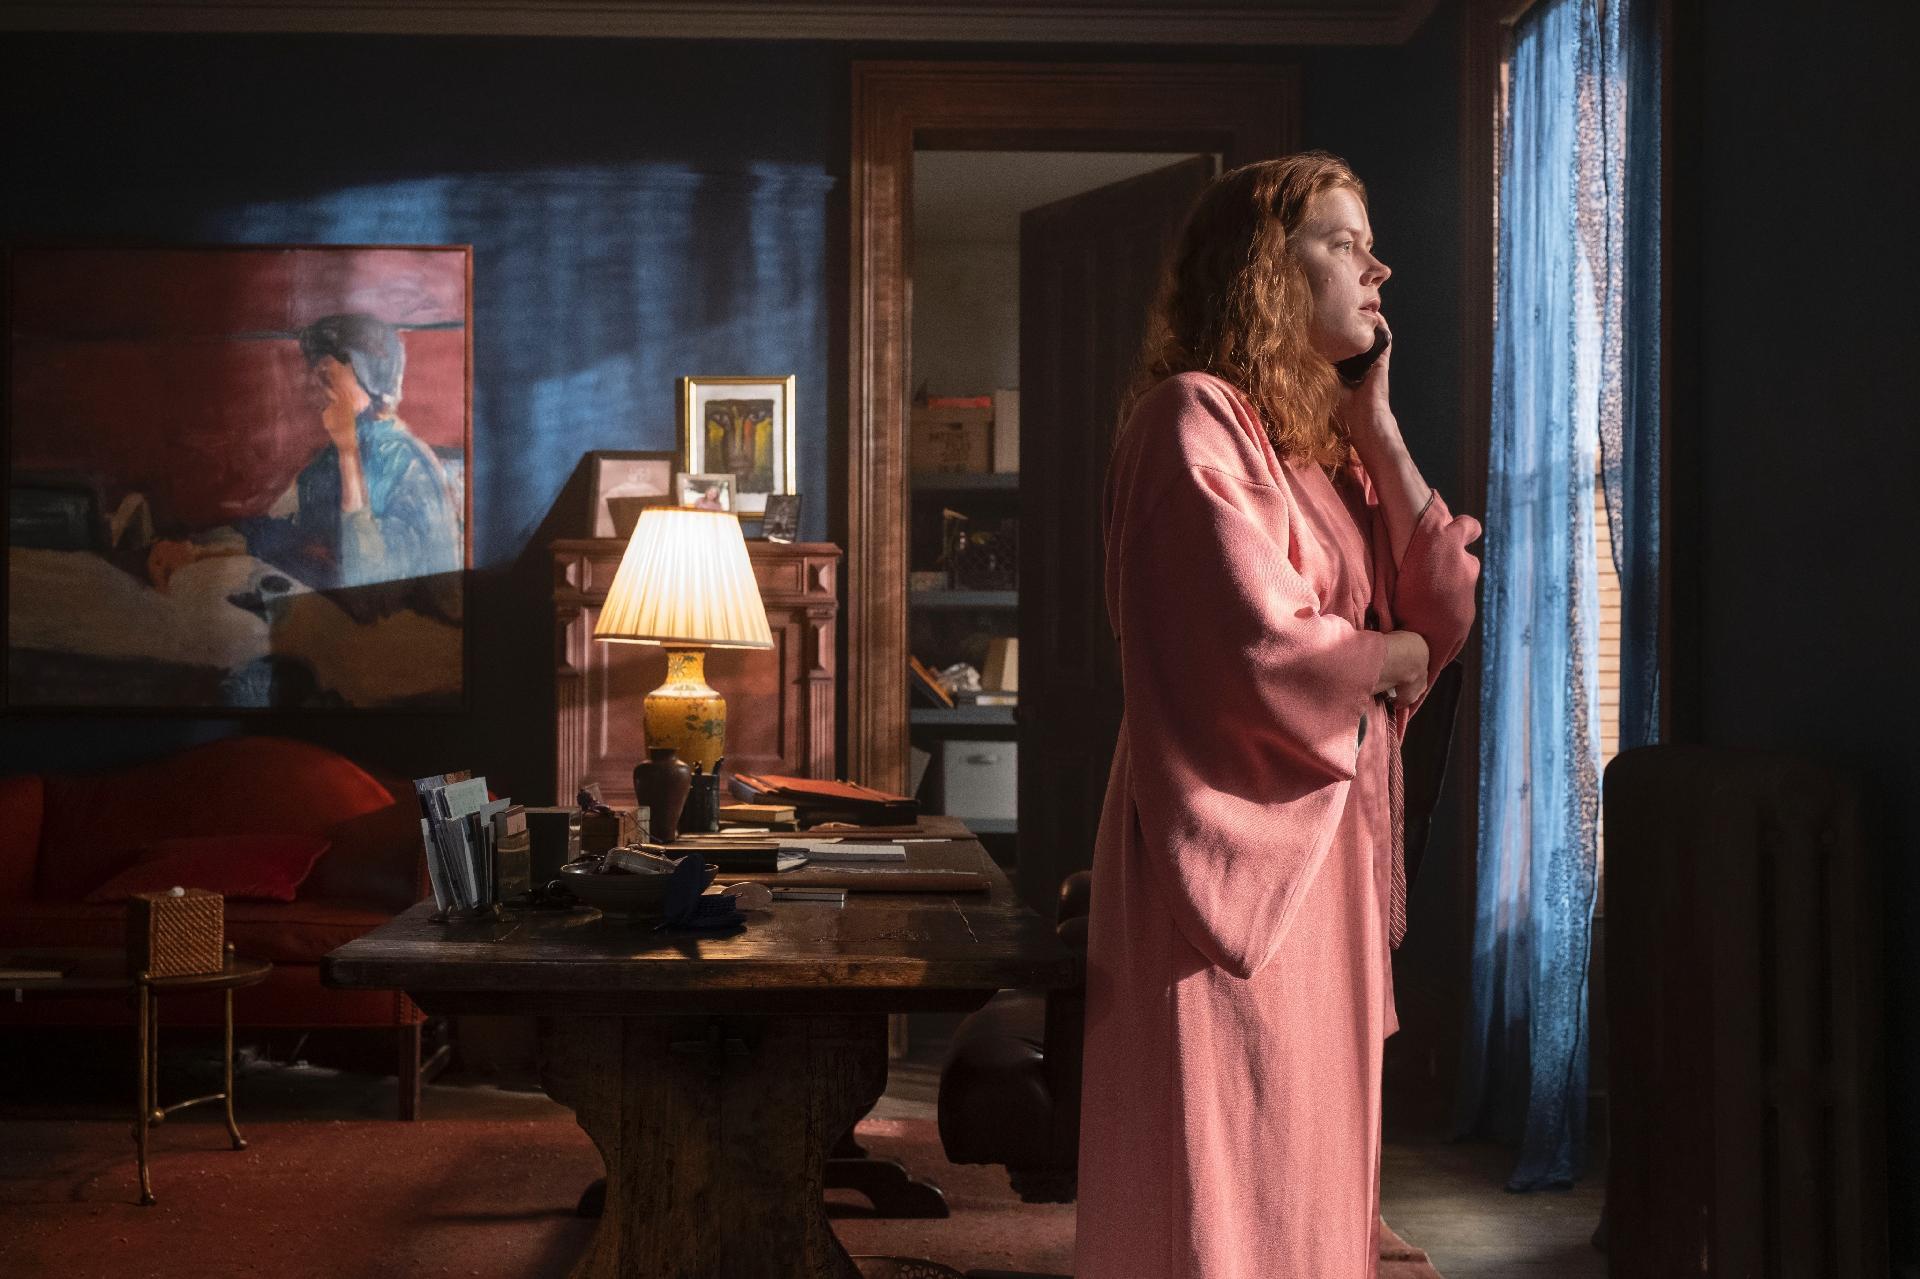 Vemos a personagem Anna Fox (Amy Adams) de frente para a janela de seu escritório, à direita. Ela é uma mulher branca, ruiva e usa um roupão rosa. A janela tem cortinas azuis e, ao fundo, vemos uma escrivaninha com diversos objetos em cima, incluindo um abajur amarelo. Na parede, podemos ver um quadro de um homem sentado, voltado para a esquerda. Assim, como o roupão de Anna e as cortinas, vemos o contraste de tons de azul no quadro e na parede com o tapete.